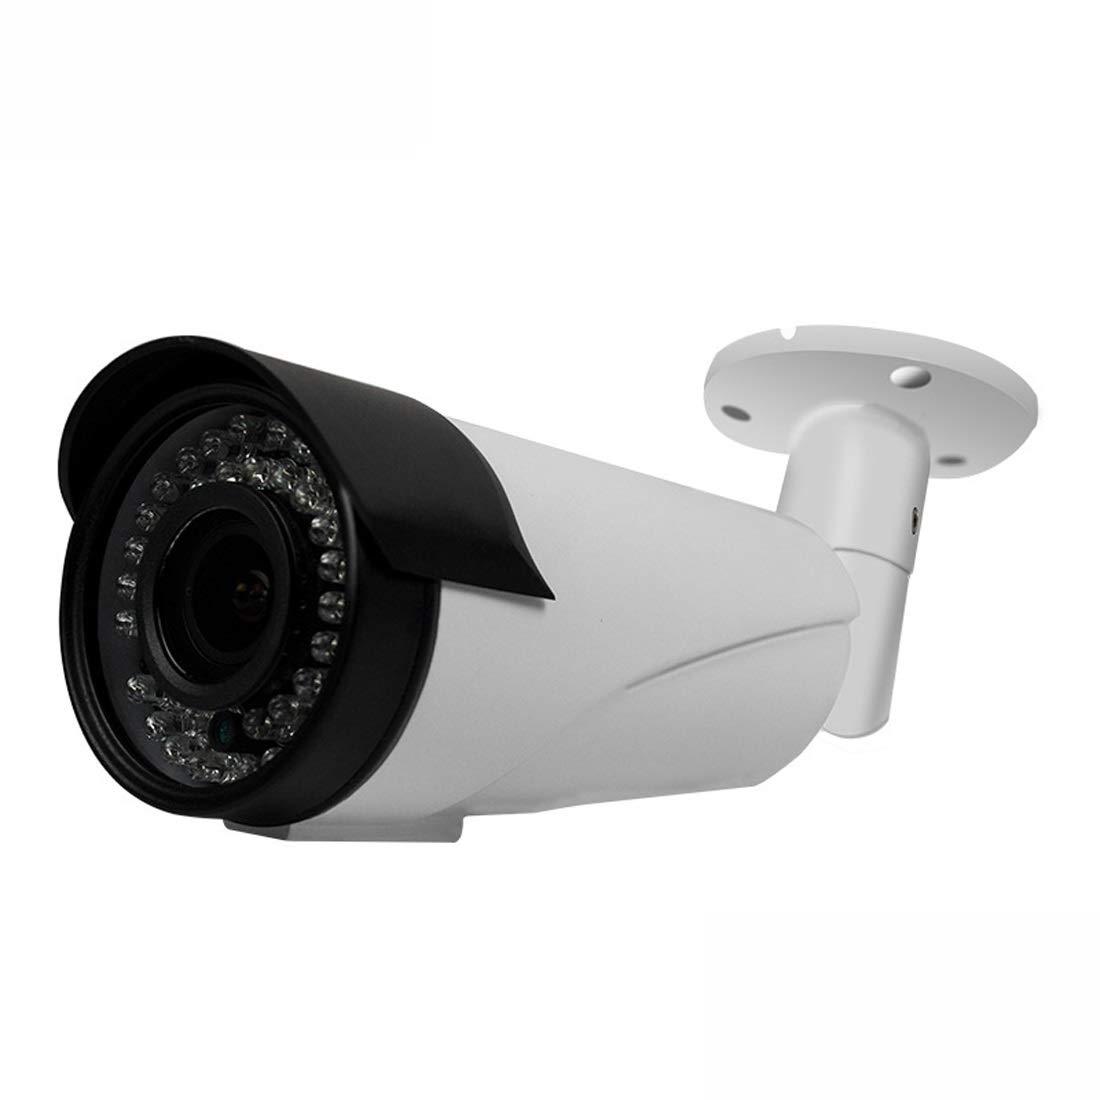 完璧 JPAKIOS 4倍マニュアルフォーカス監視カメラ2メガピクセルのHD低照度ナイトビジョン   B07QQQCL7T, 板倉町 53085887